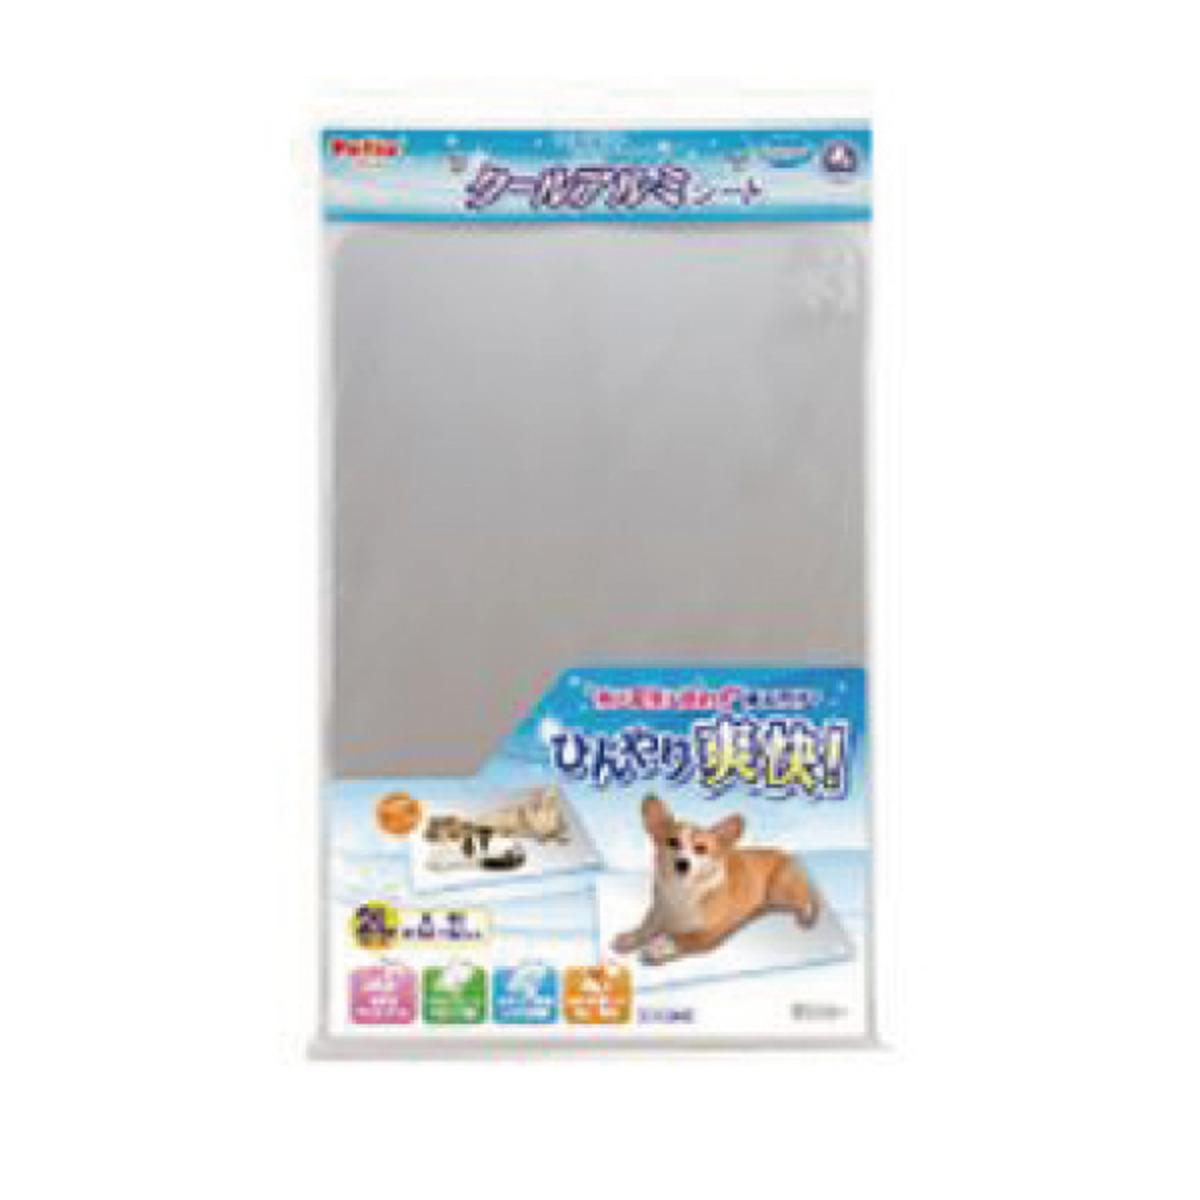 夏季冰涼系列鋁製涼墊(加大)(W25123)